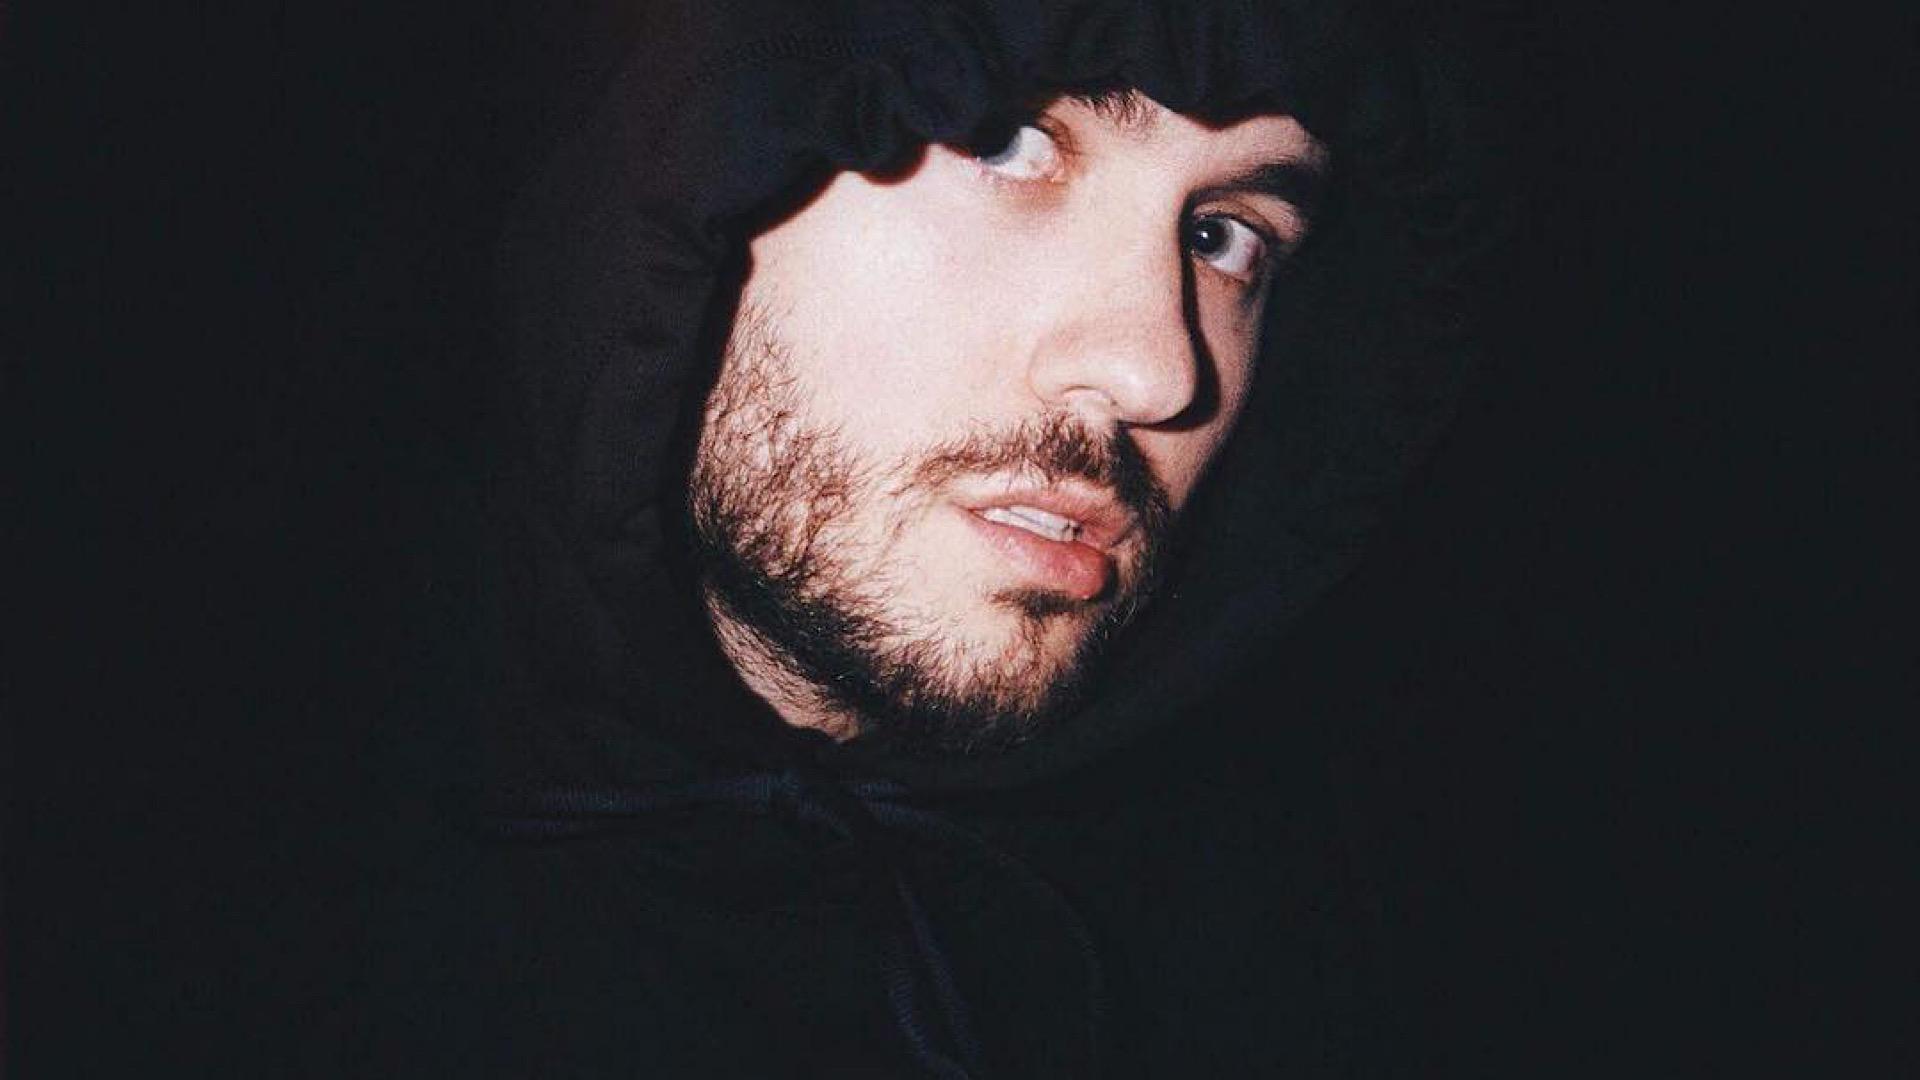 Pil C zverejňuje oficiálny tracklist albumu s názvom 2086